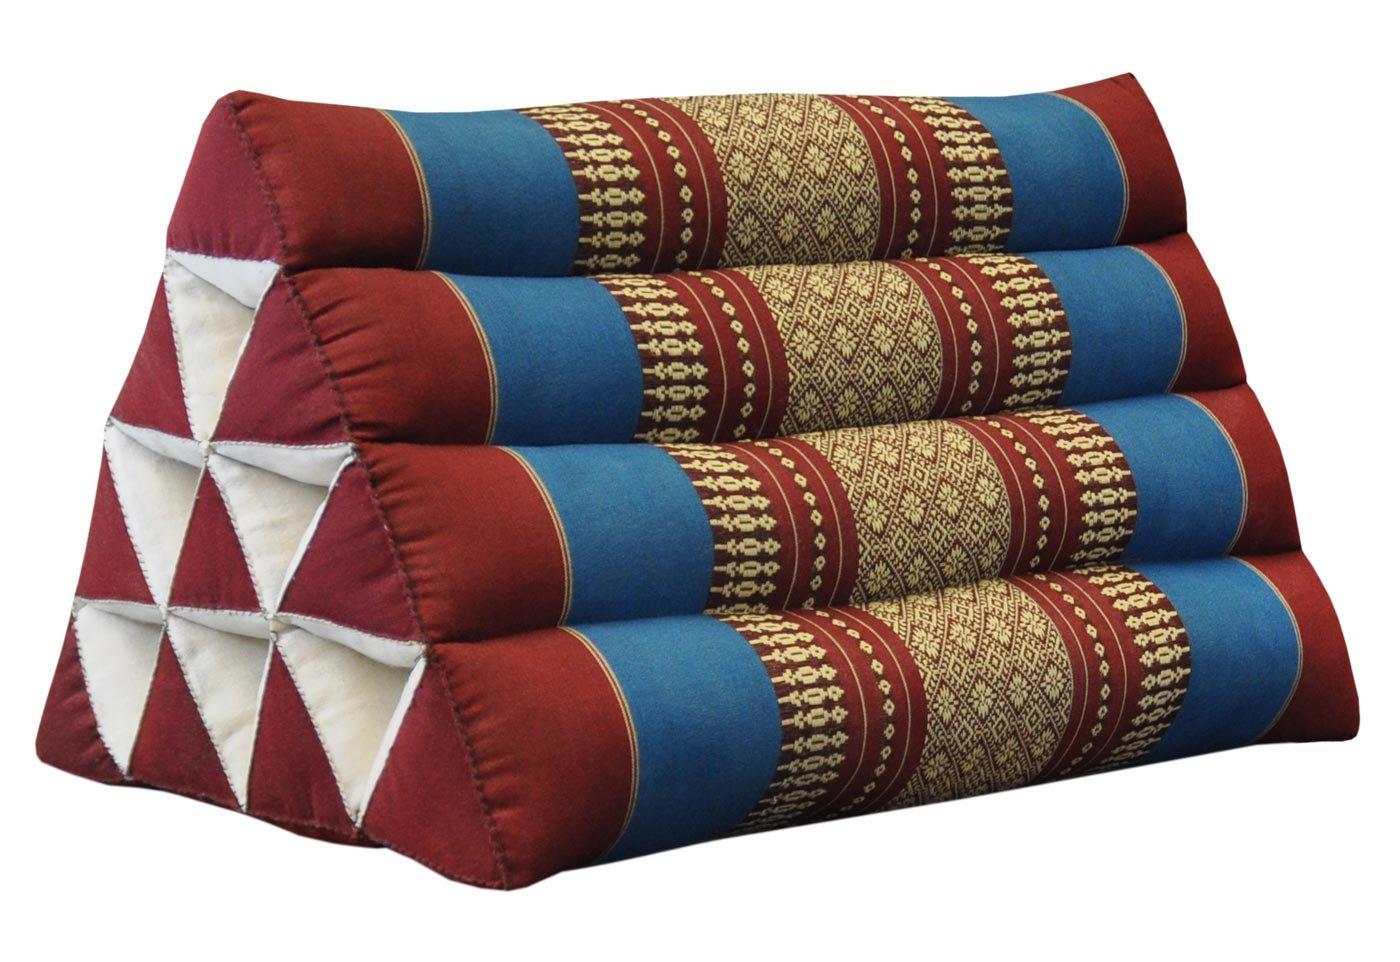 Thai triangular cushion, red/blue, relaxation, beach, kapok, made in Thailand. (81200) by Wilai GmbH